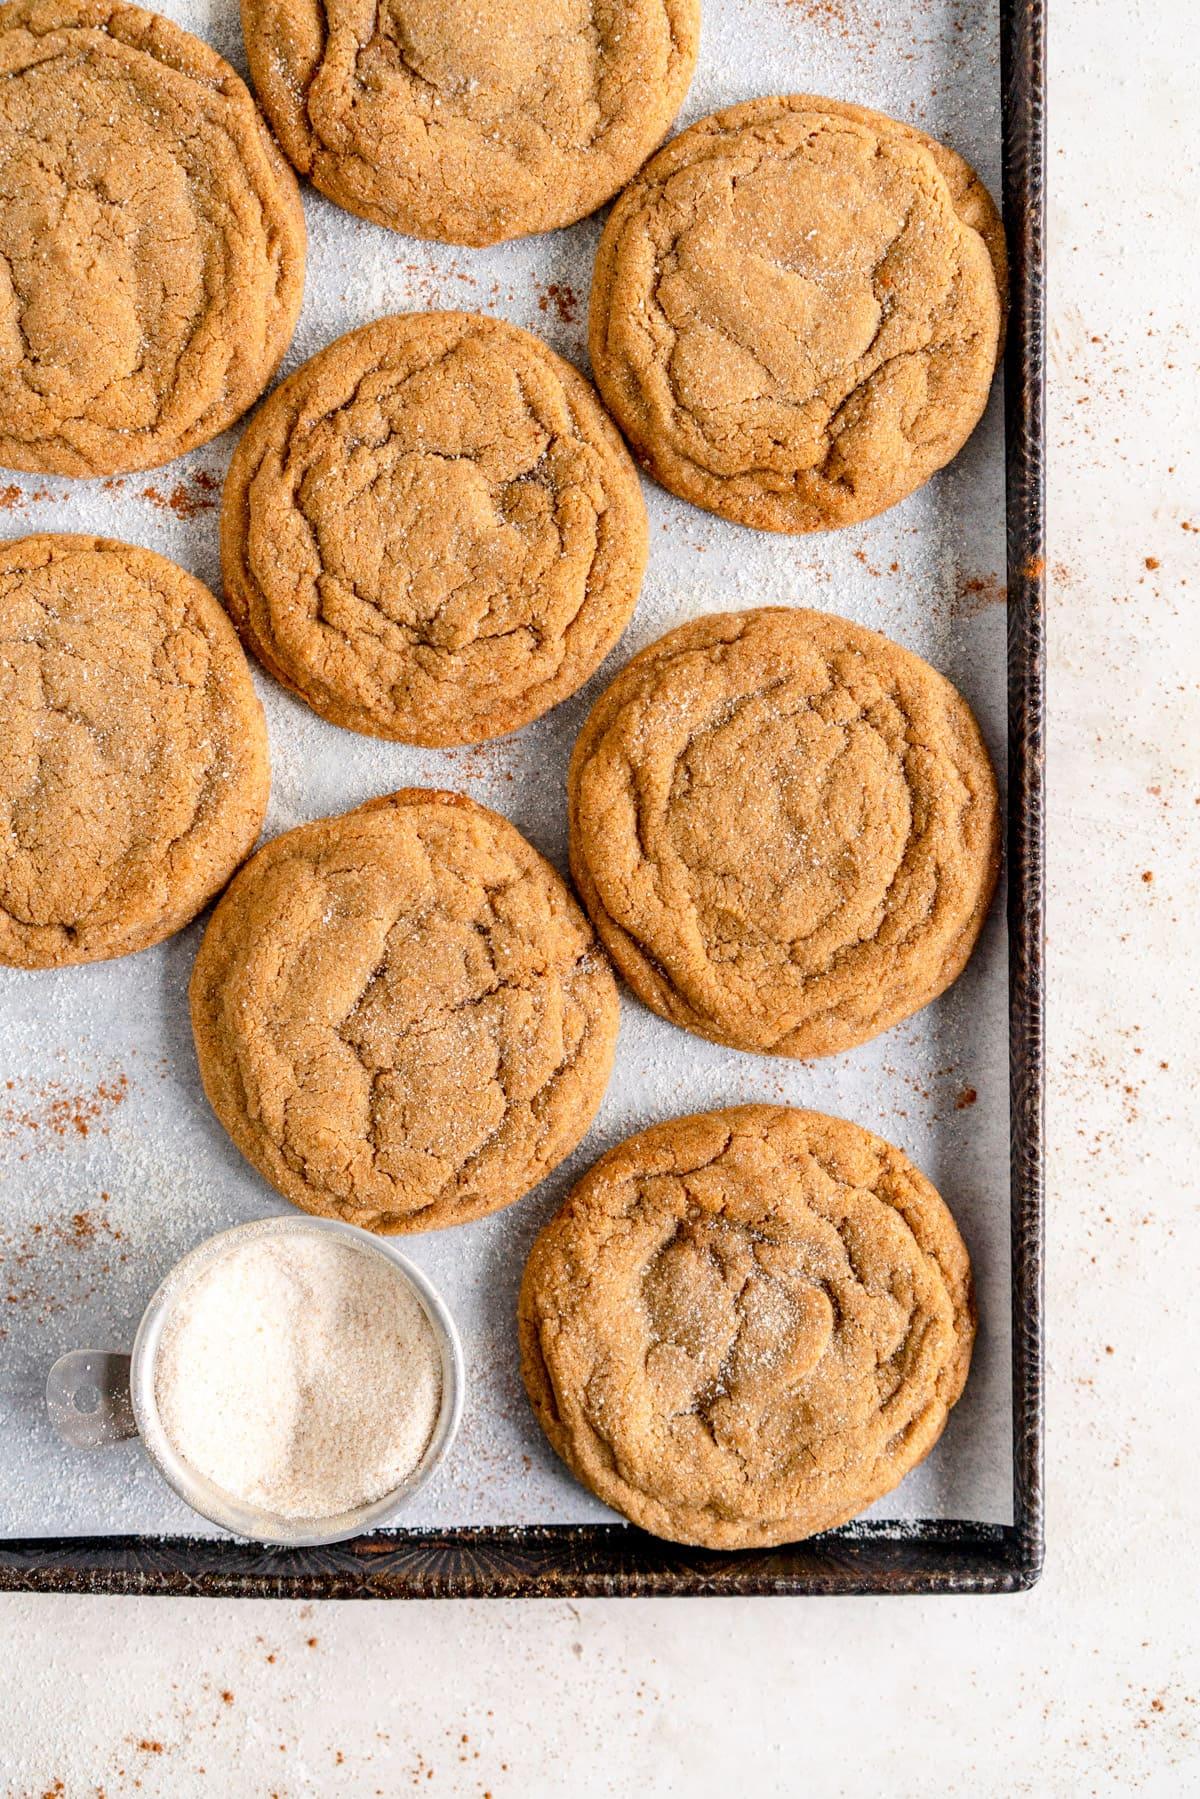 ginger sugar cookies on sheet pan corner shot